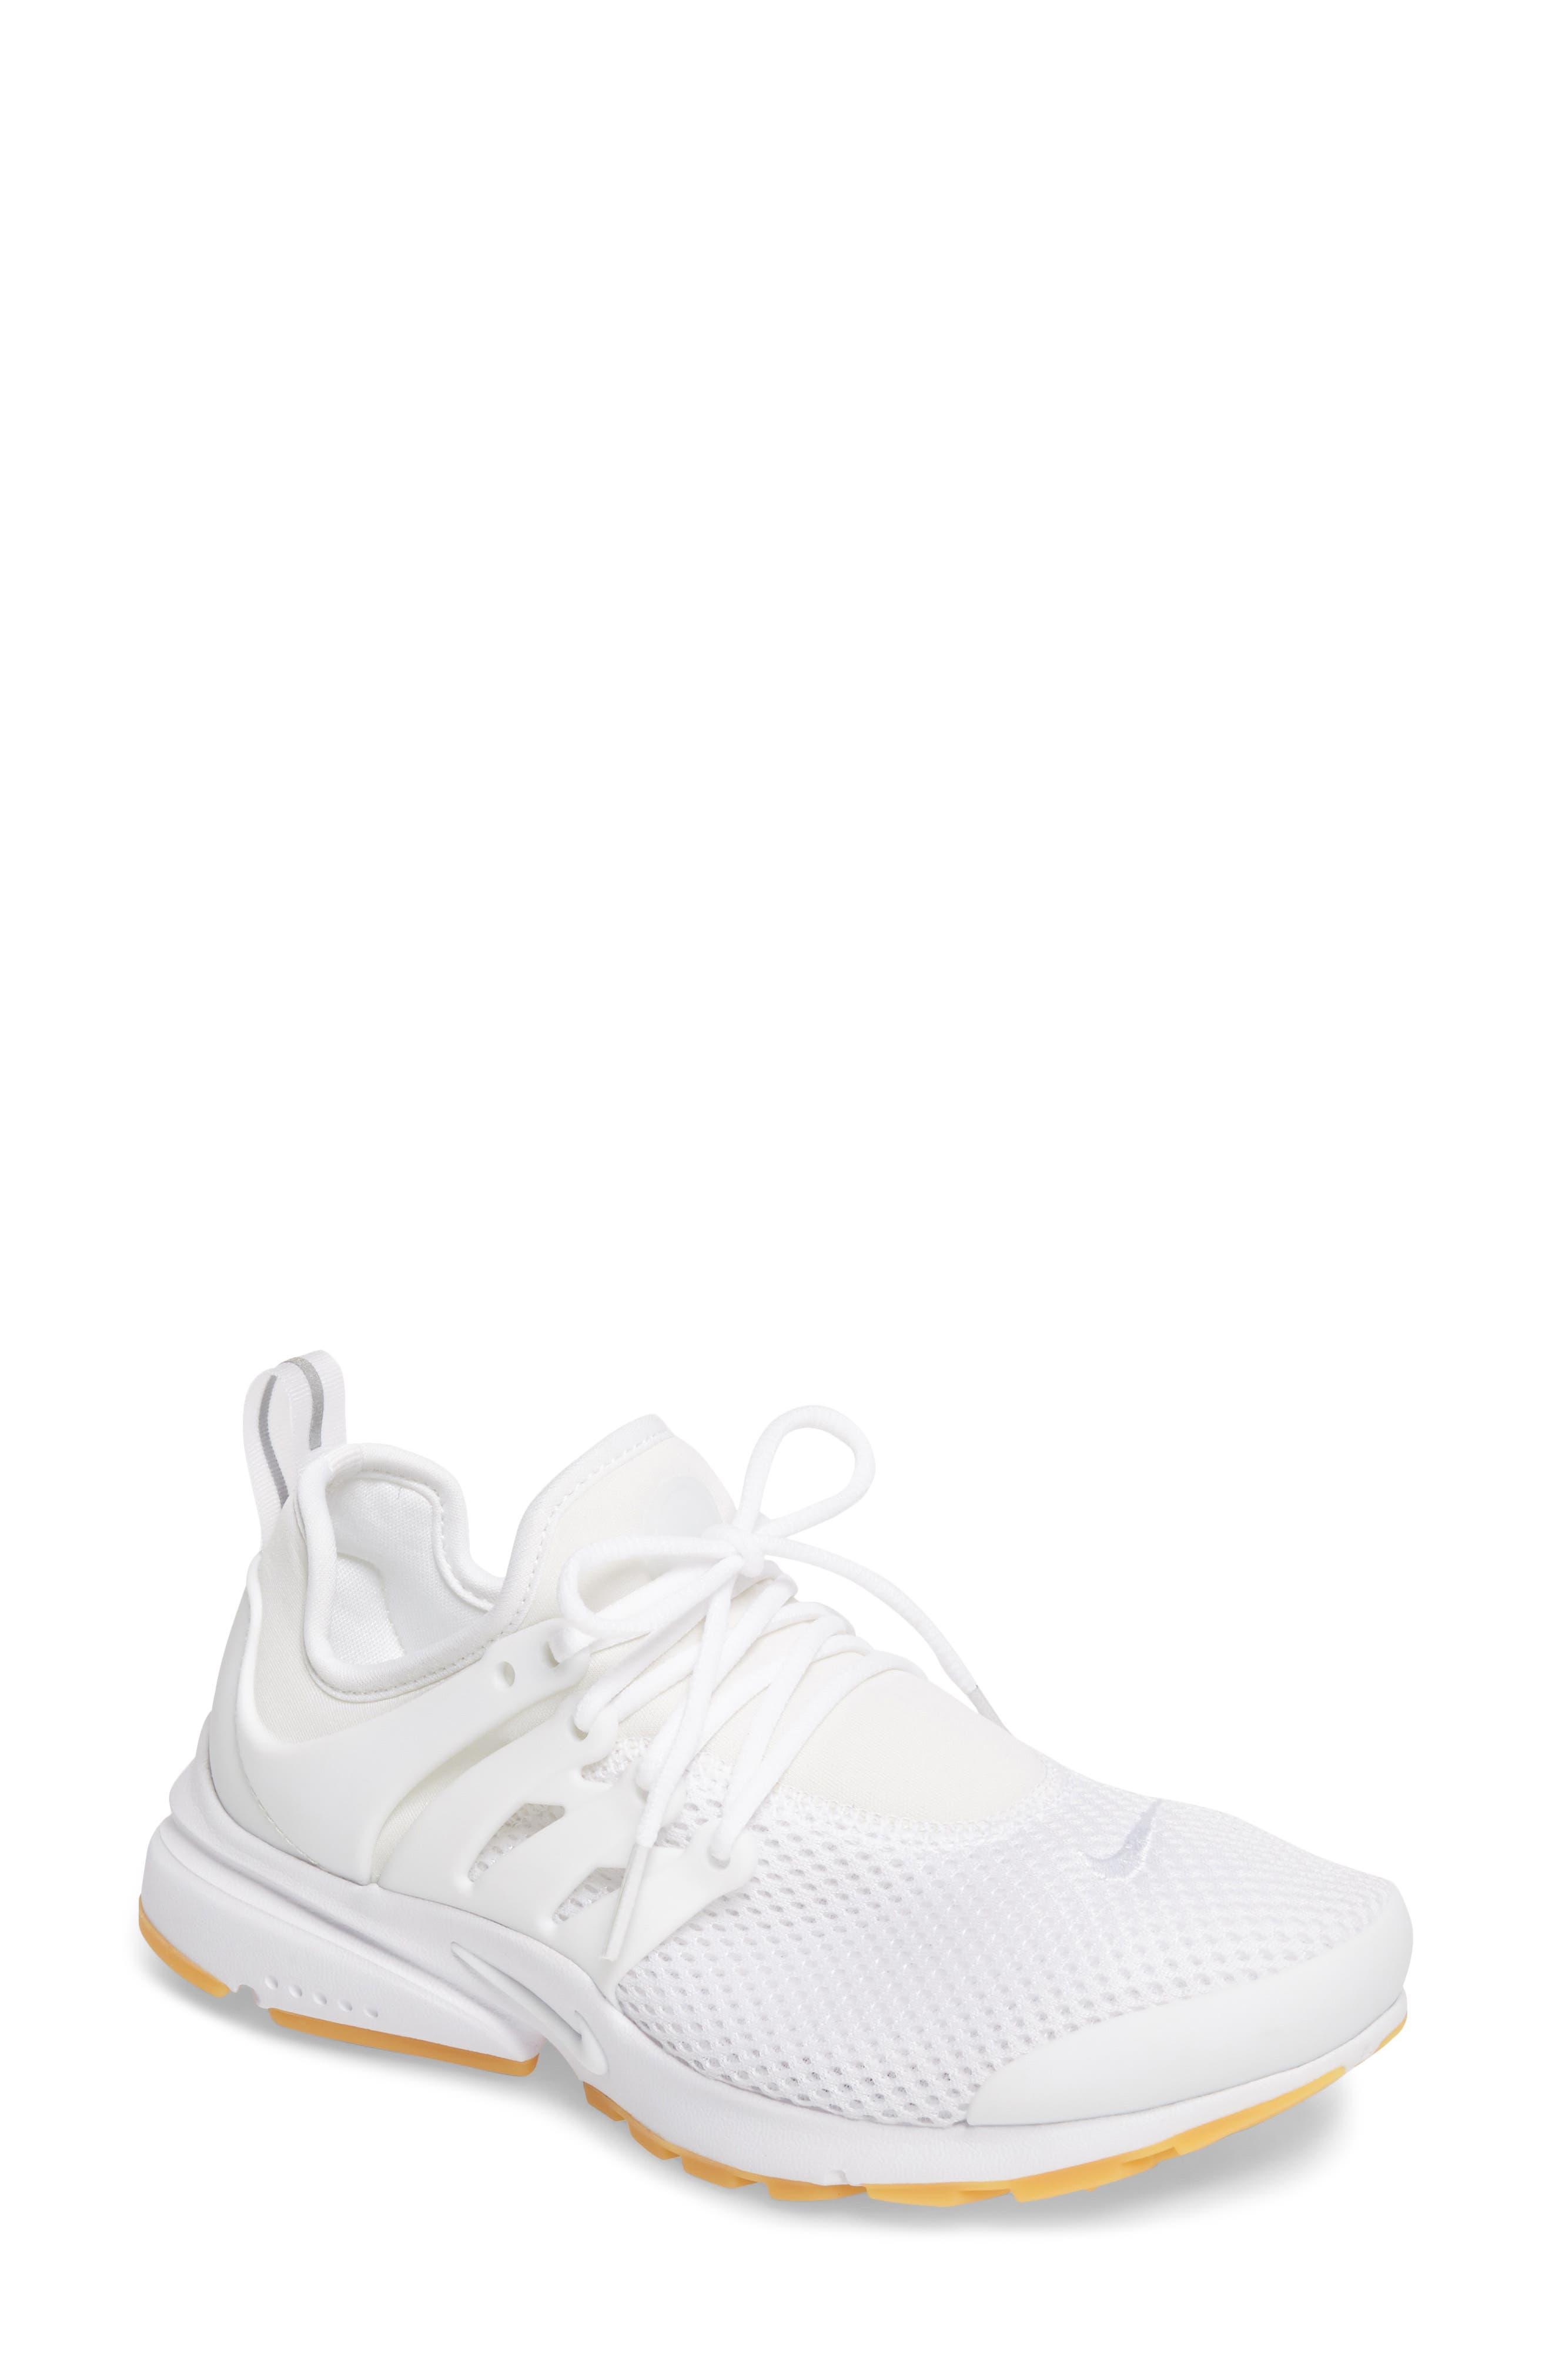 Alternate Image 1 Selected - Nike Air Presto Flyknit Ultra Sneaker (Women)